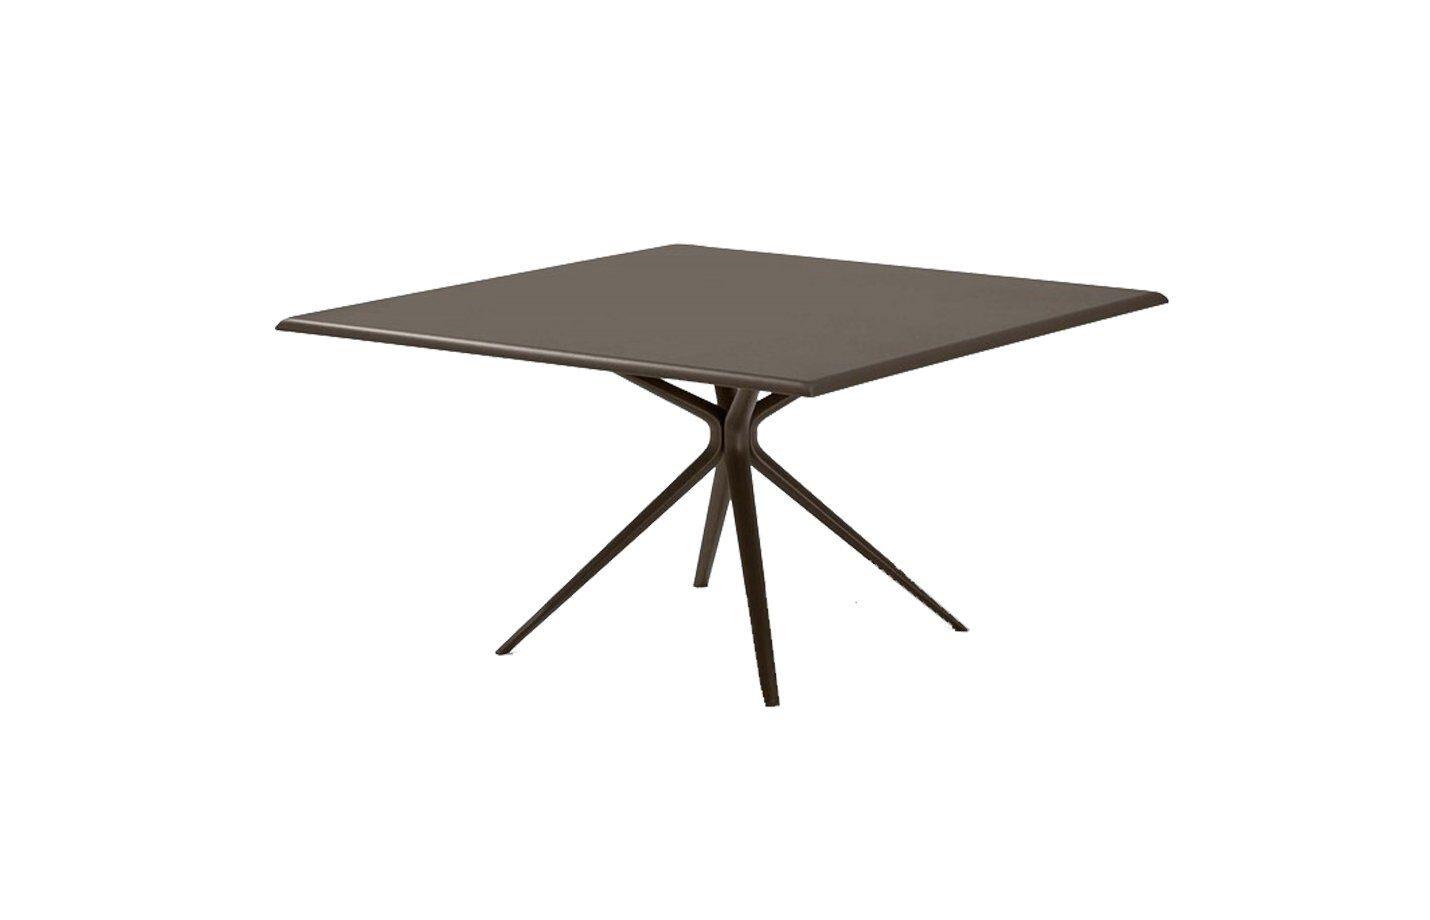 Moai-Square-aluminium-dining-table-outdoor